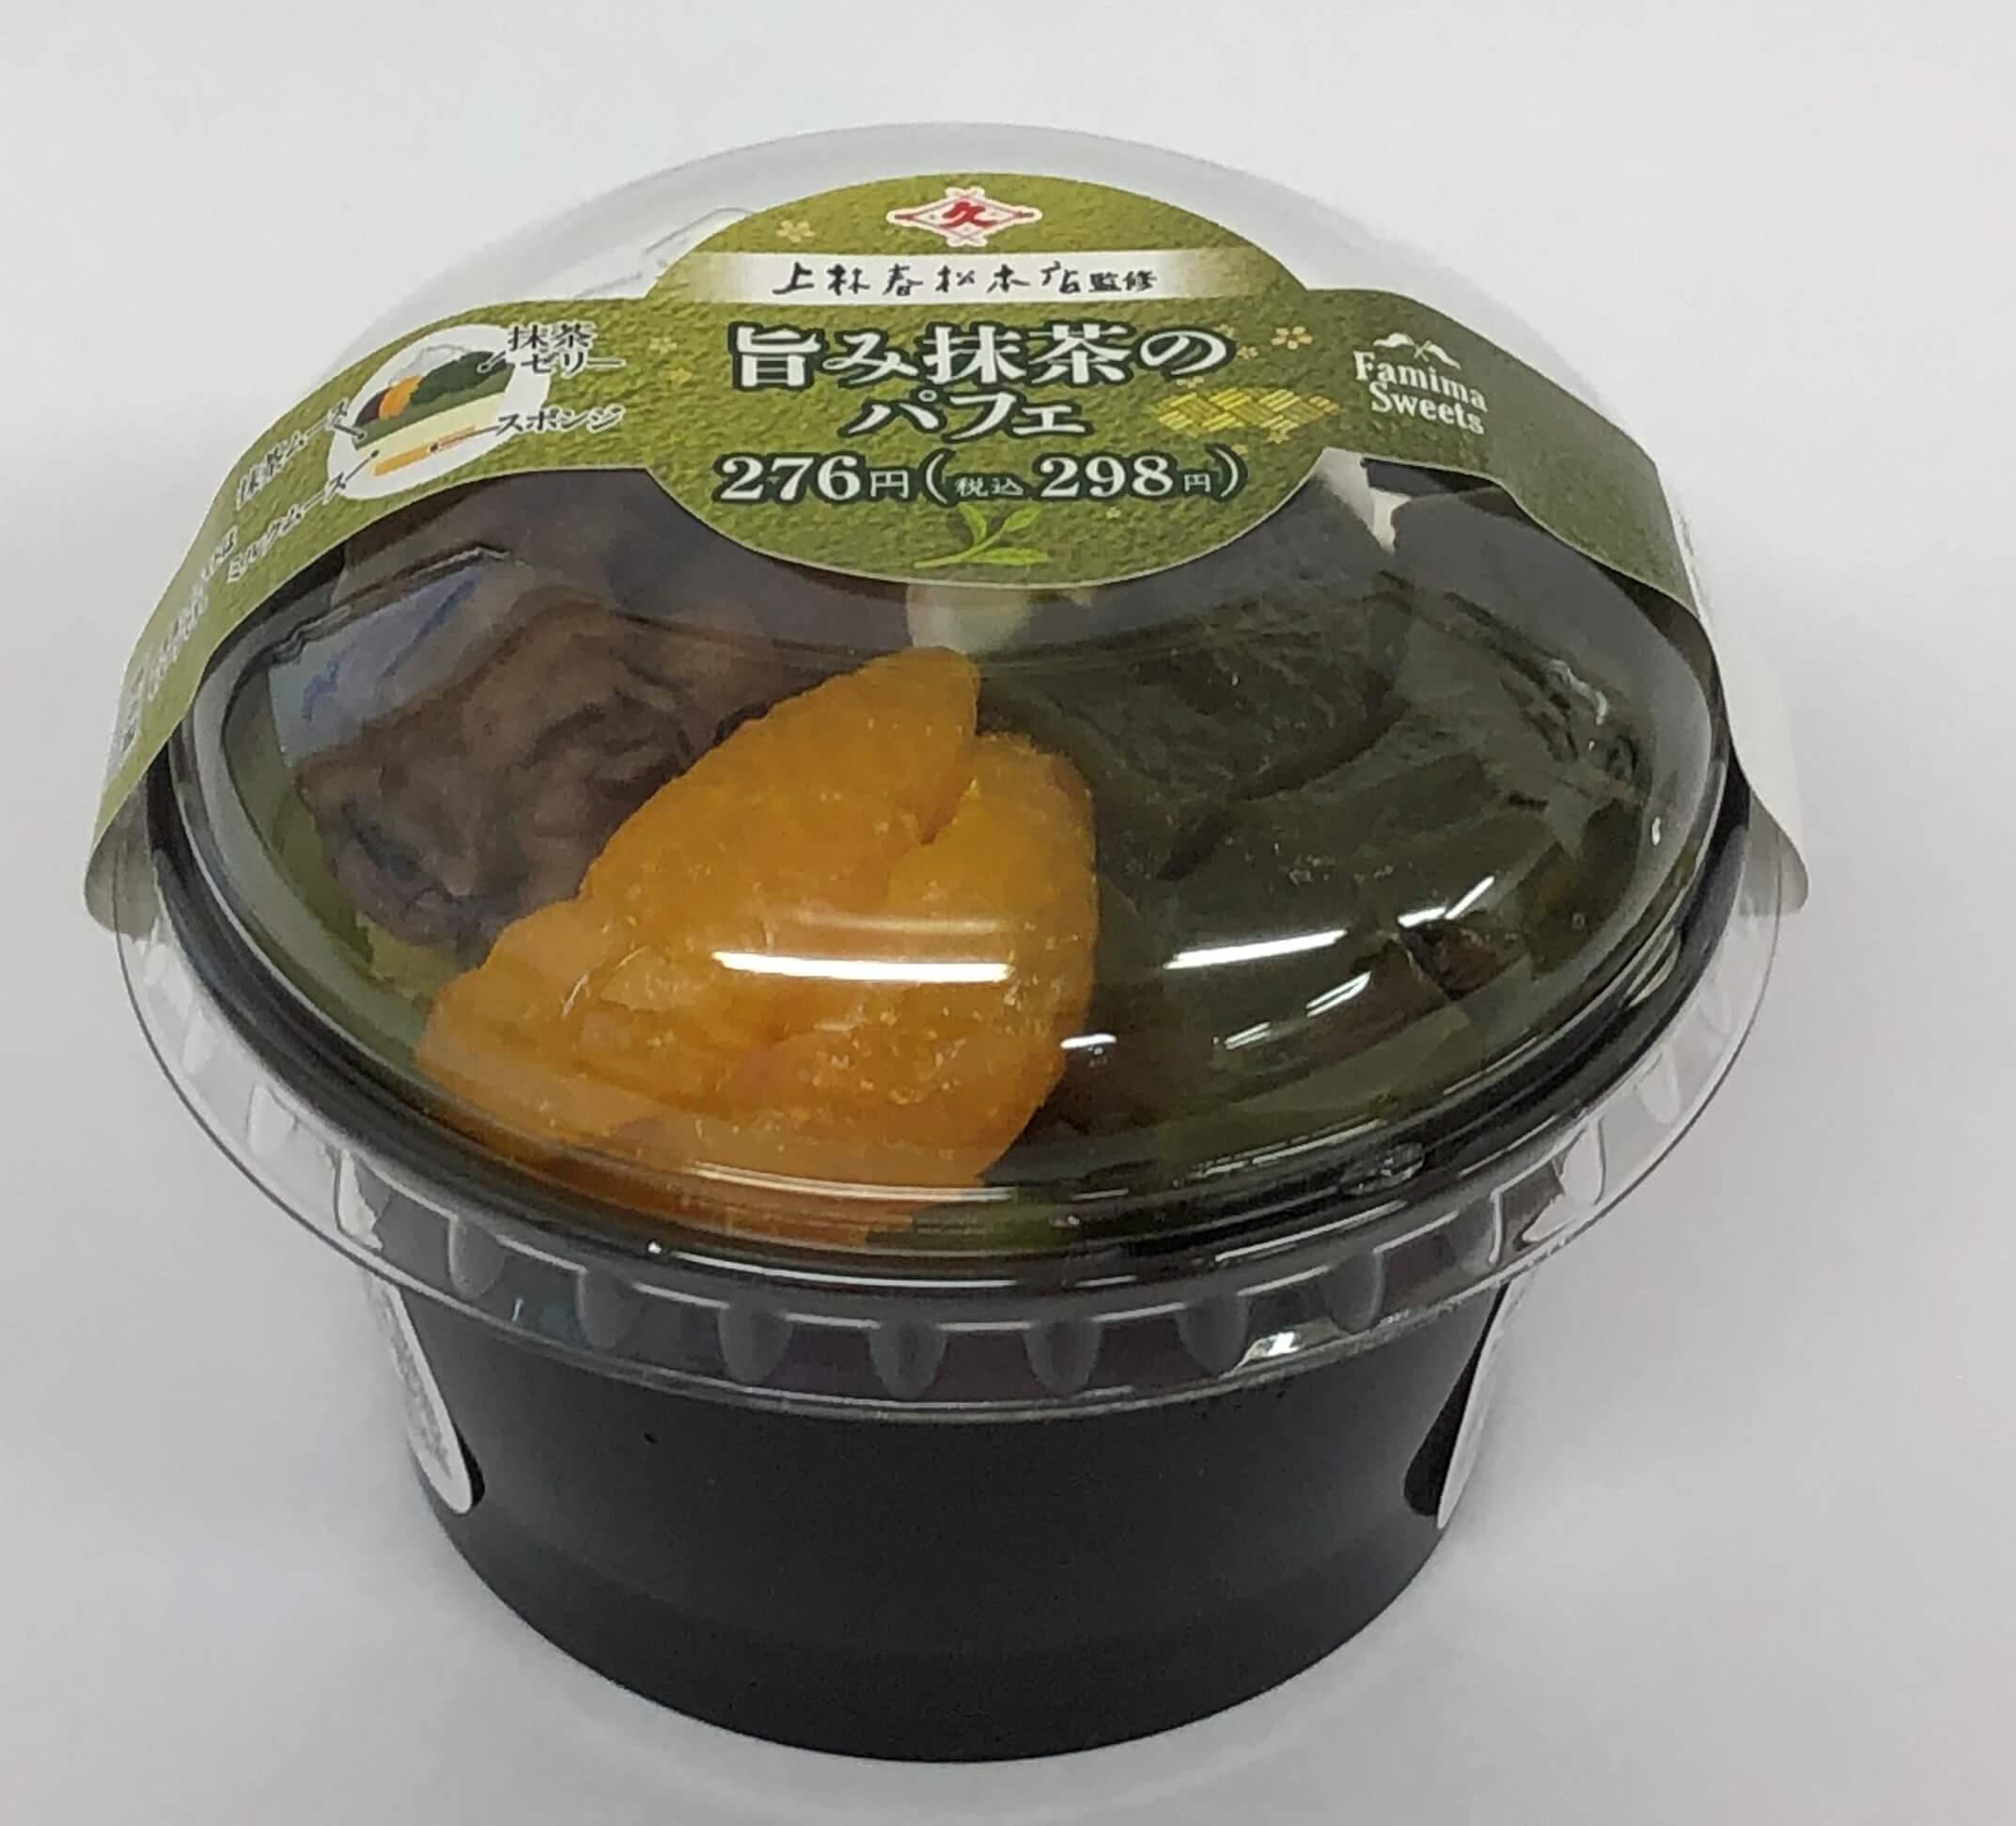 抹茶スイーツ Matcha Desserts 抹茶甜點1